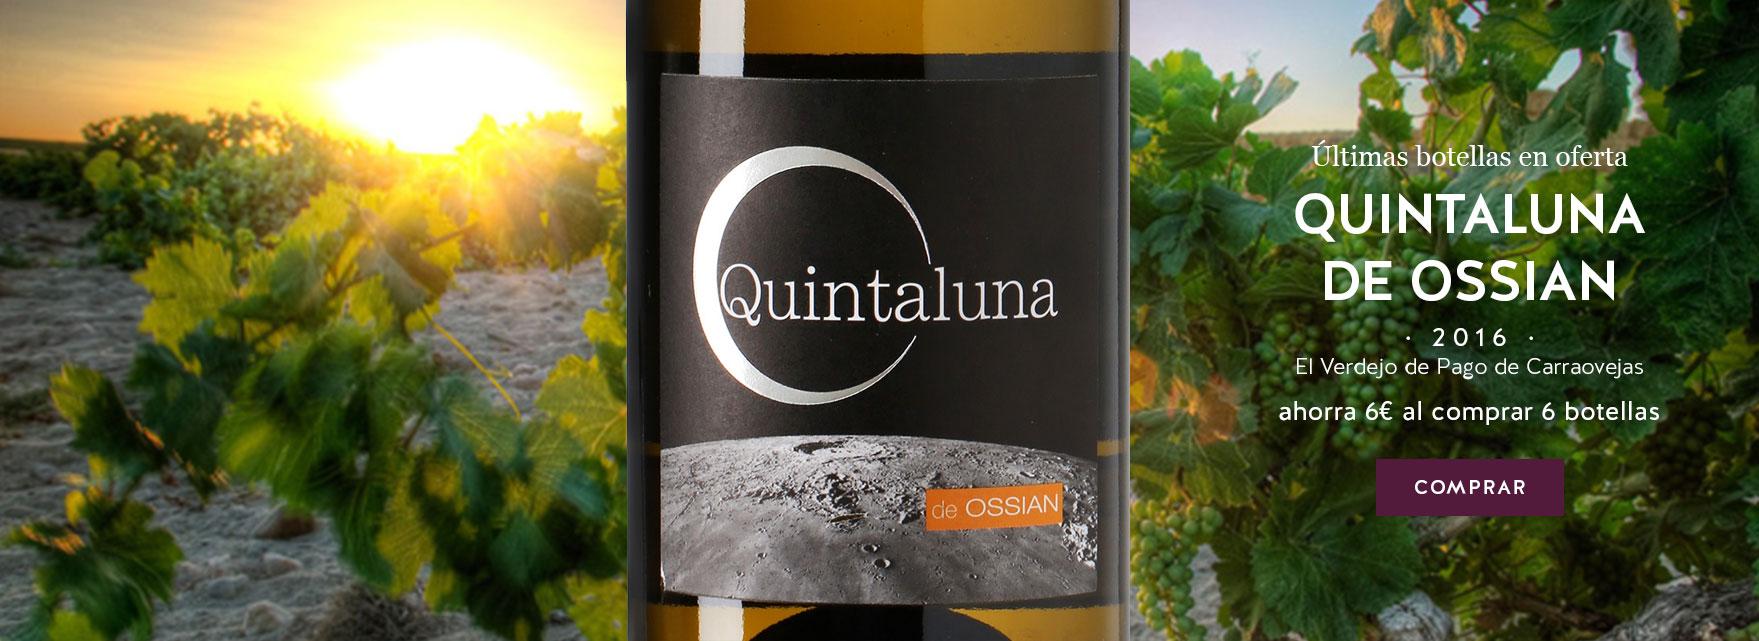 Últimas botellas de Quintaluna 2016